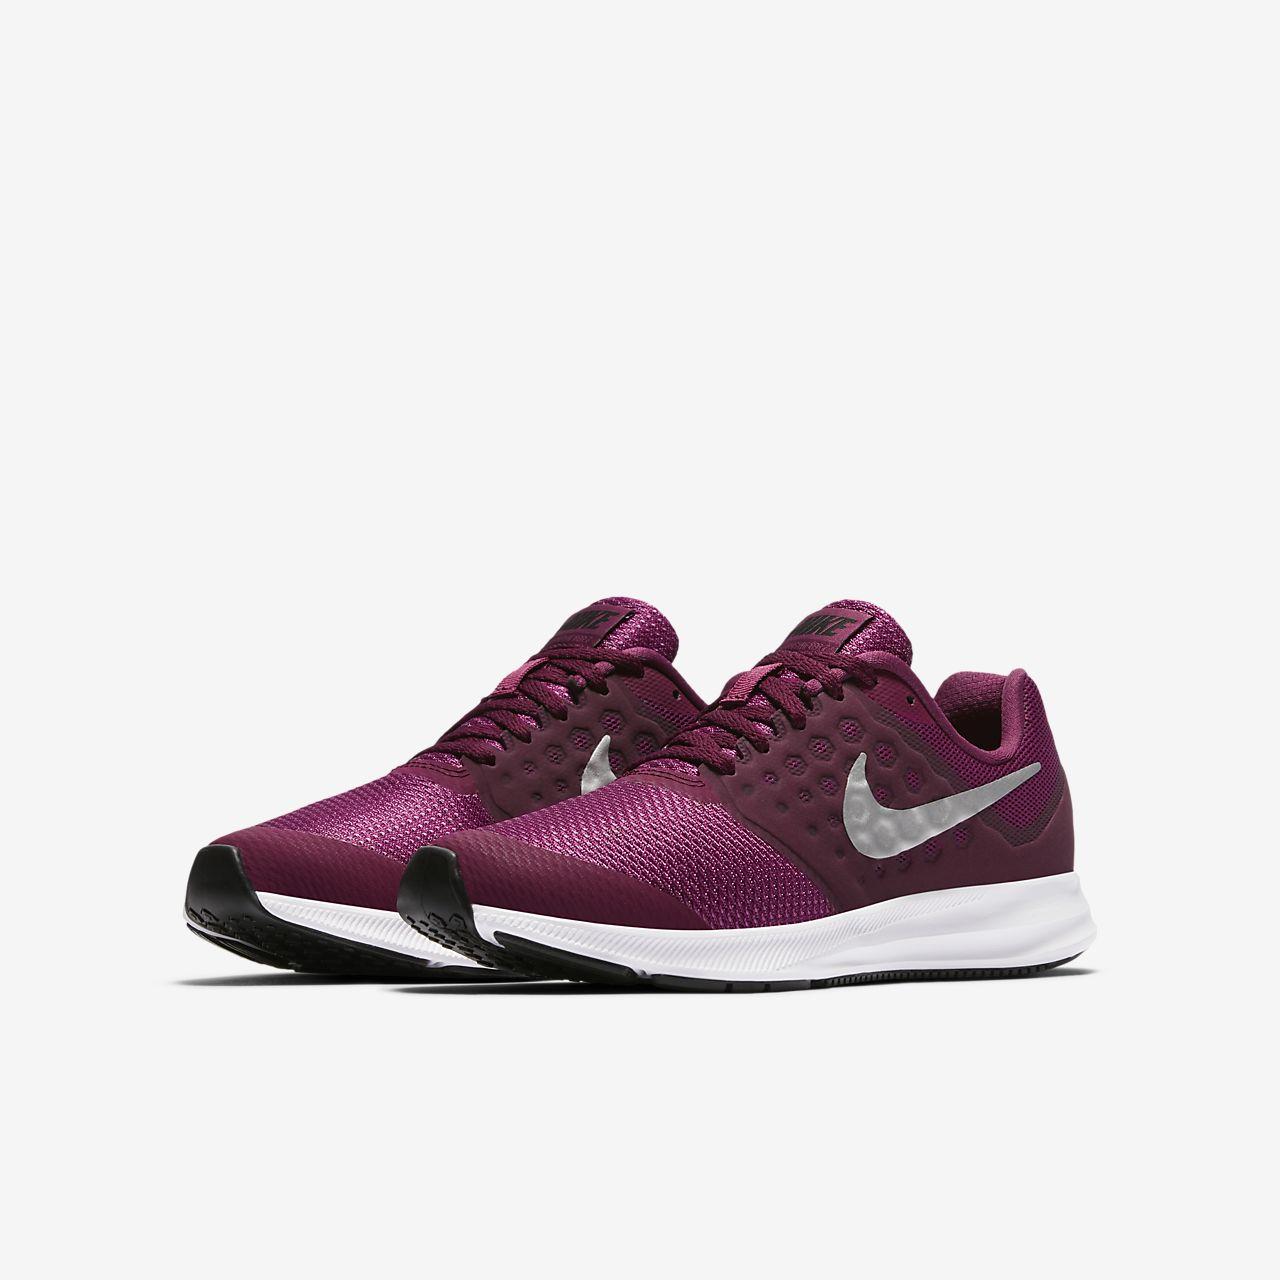 Nike Off39 Sconti Downshifter Acquista Scarpe PwqgOO 992873f2563